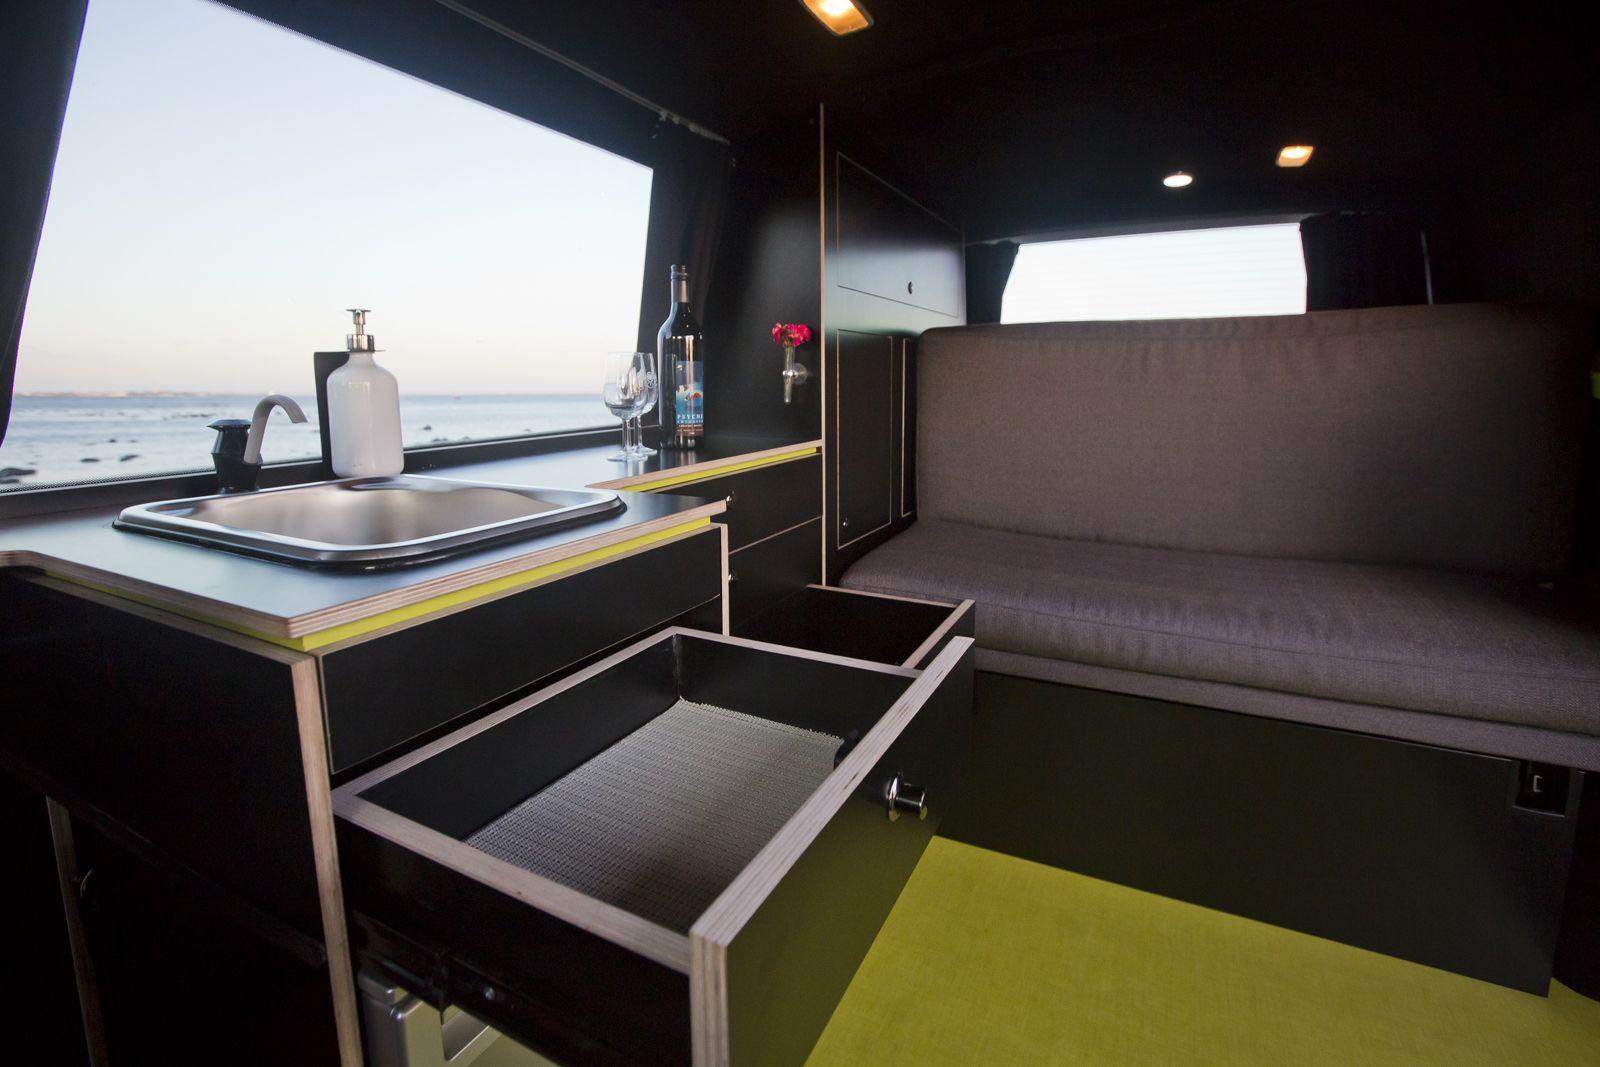 Achtung Camper Campervan cupboard storage for kitchen  VW